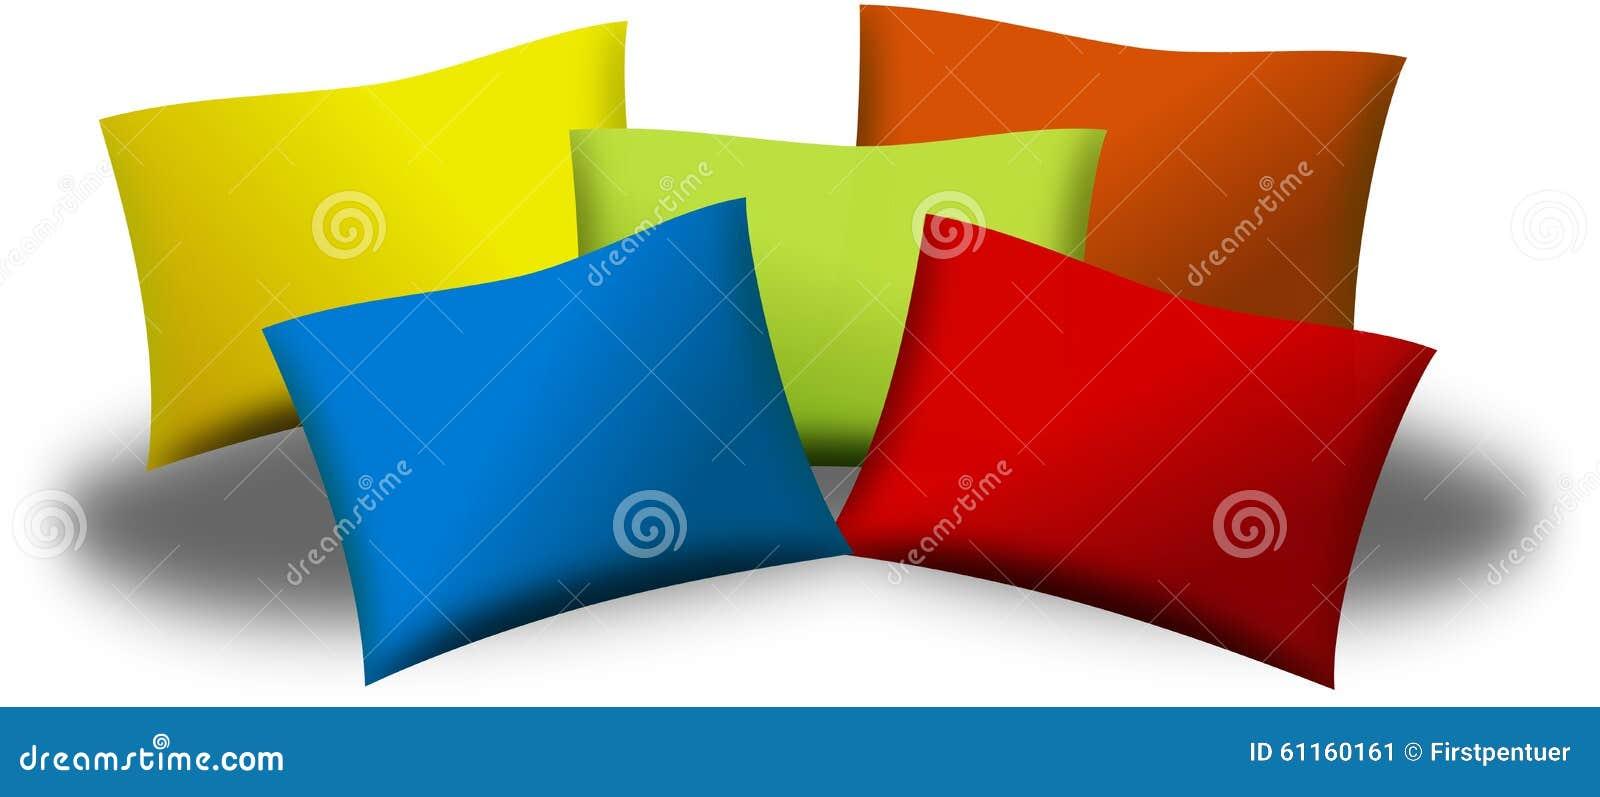 Cuscini Colorati.Cinque Cuscini O Cuscini Colorati Illustrazione Di Stock